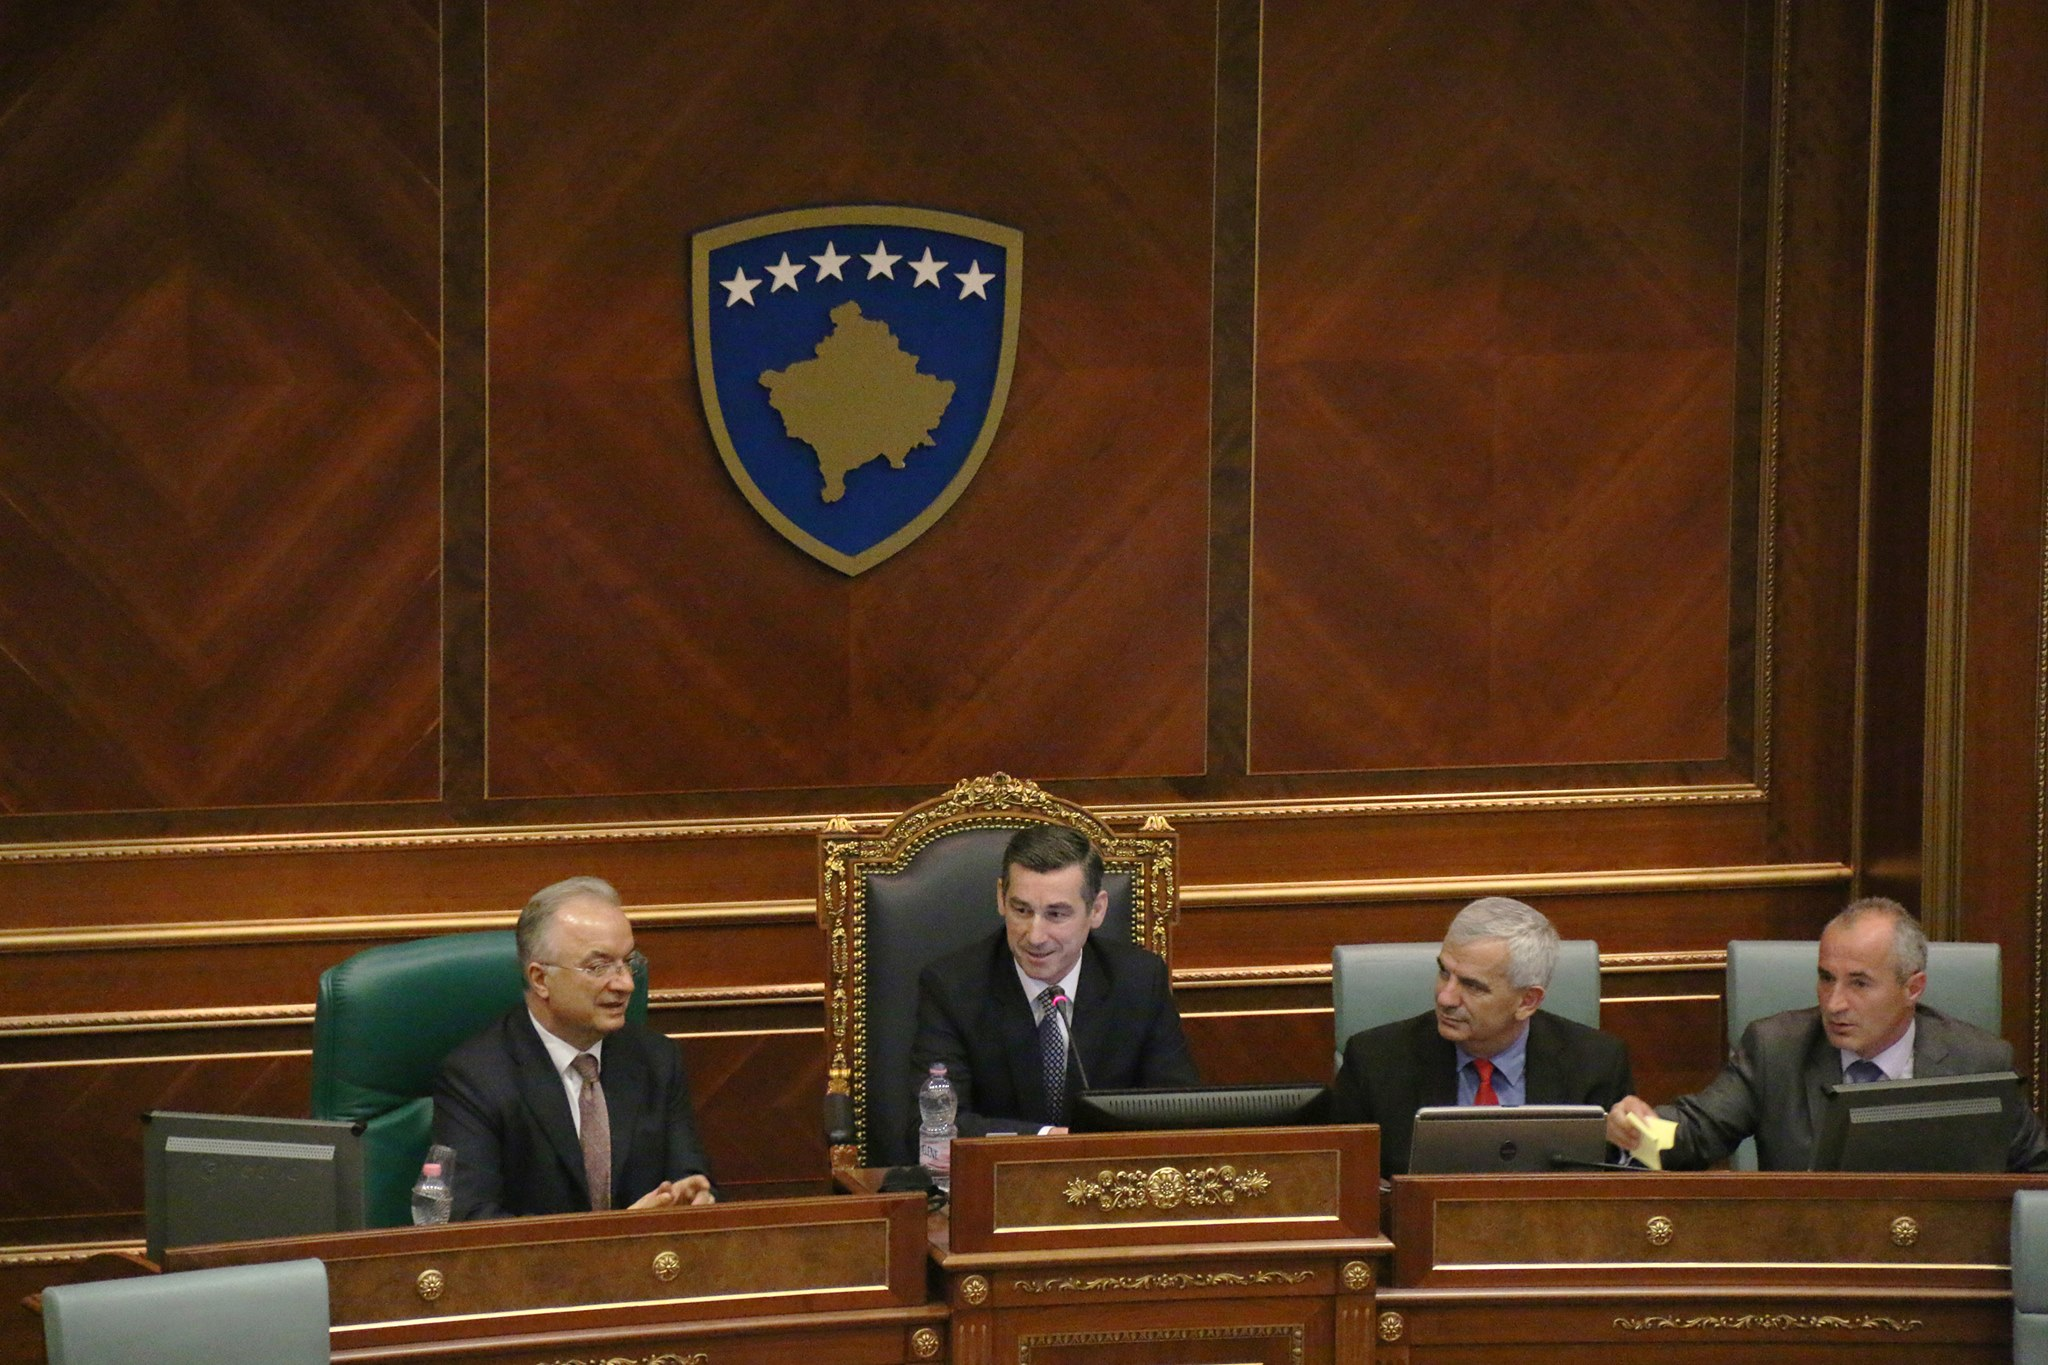 Η αντιπολίτευση στο Κοσσυφοπέδιο ζητάει πρόωρες εκλογές